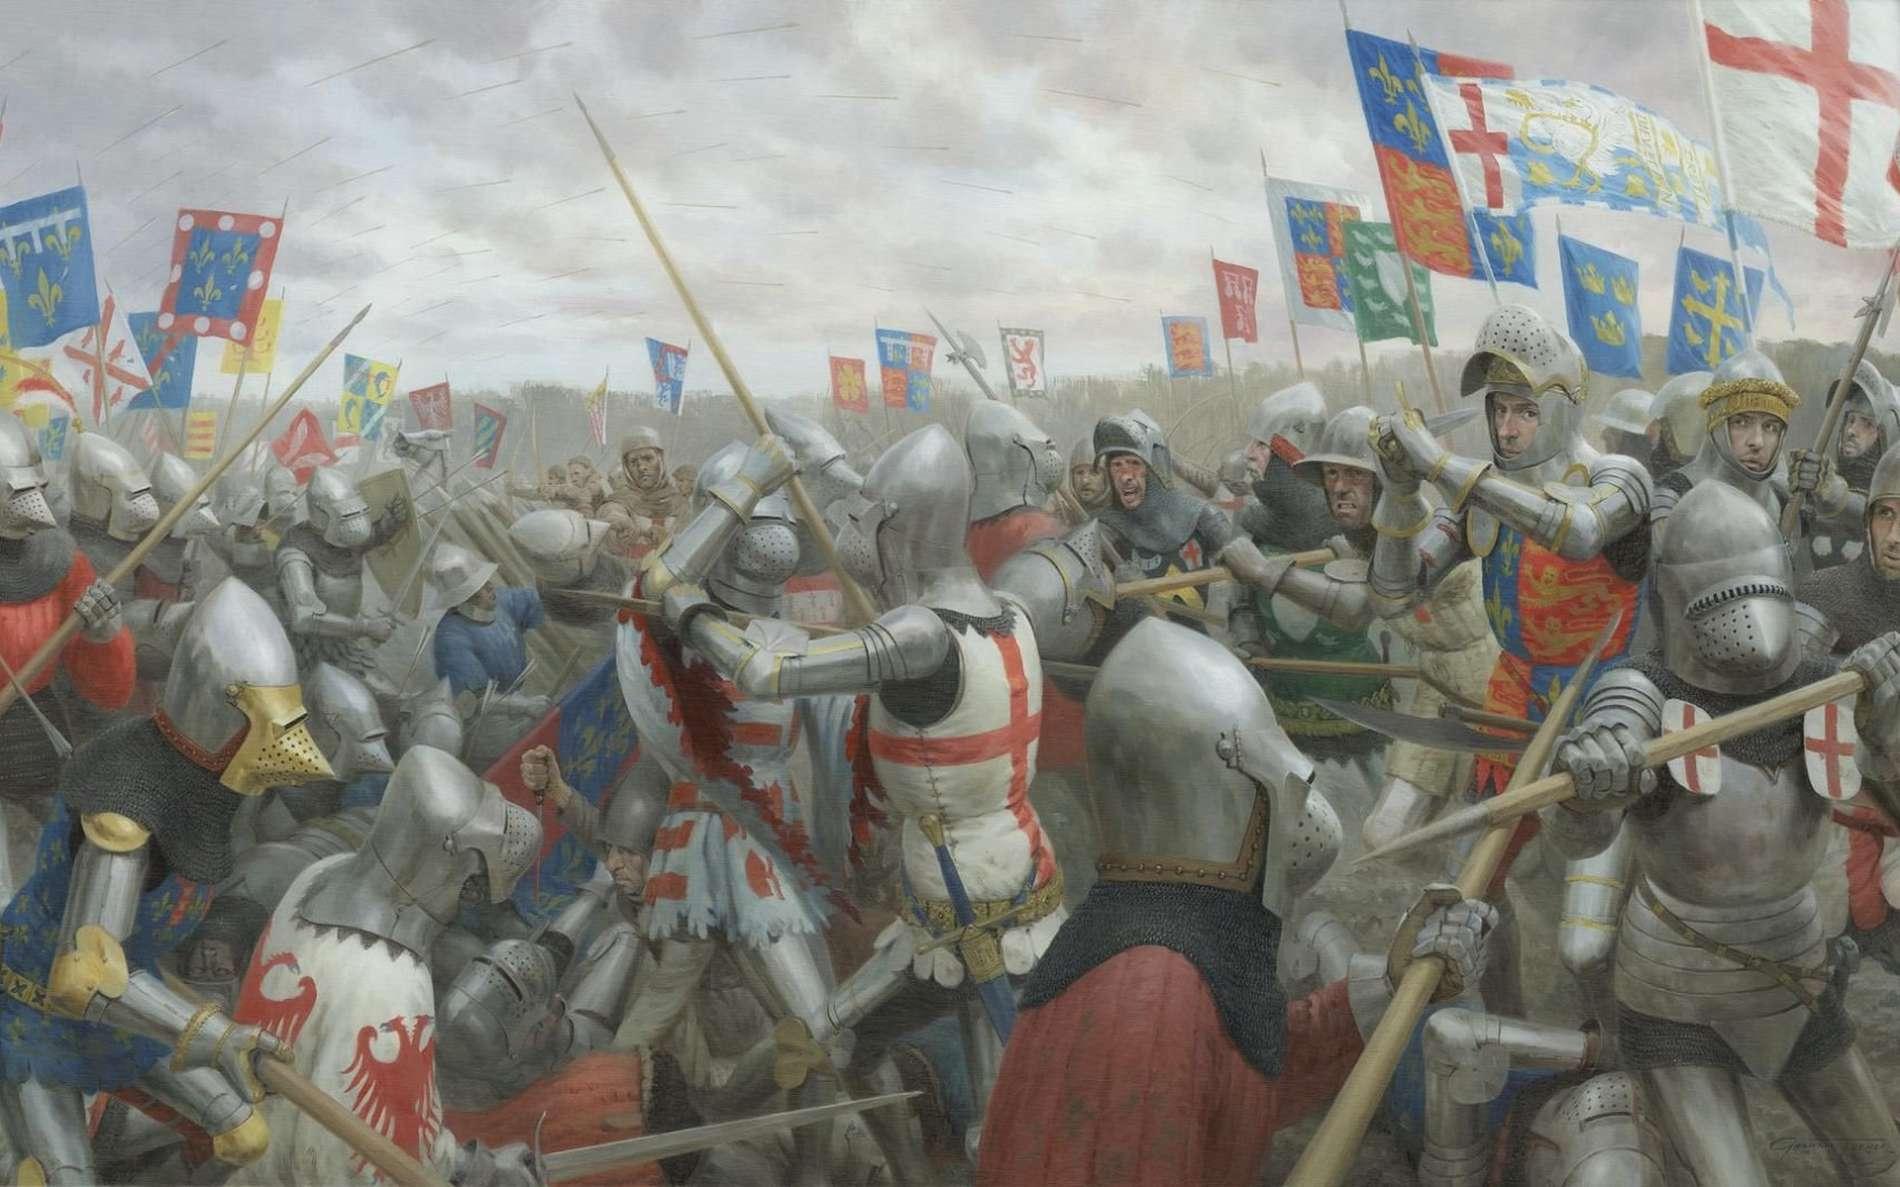 Tableau représentant le roi d'Angleterre Henry V au combat, entouré de ses gardes du corps, durant la bataille d'Azincourt, peint par Graham Turner en 2015, studio 88 limited, Aylesbury, Angleterre. © studio88.co.uk